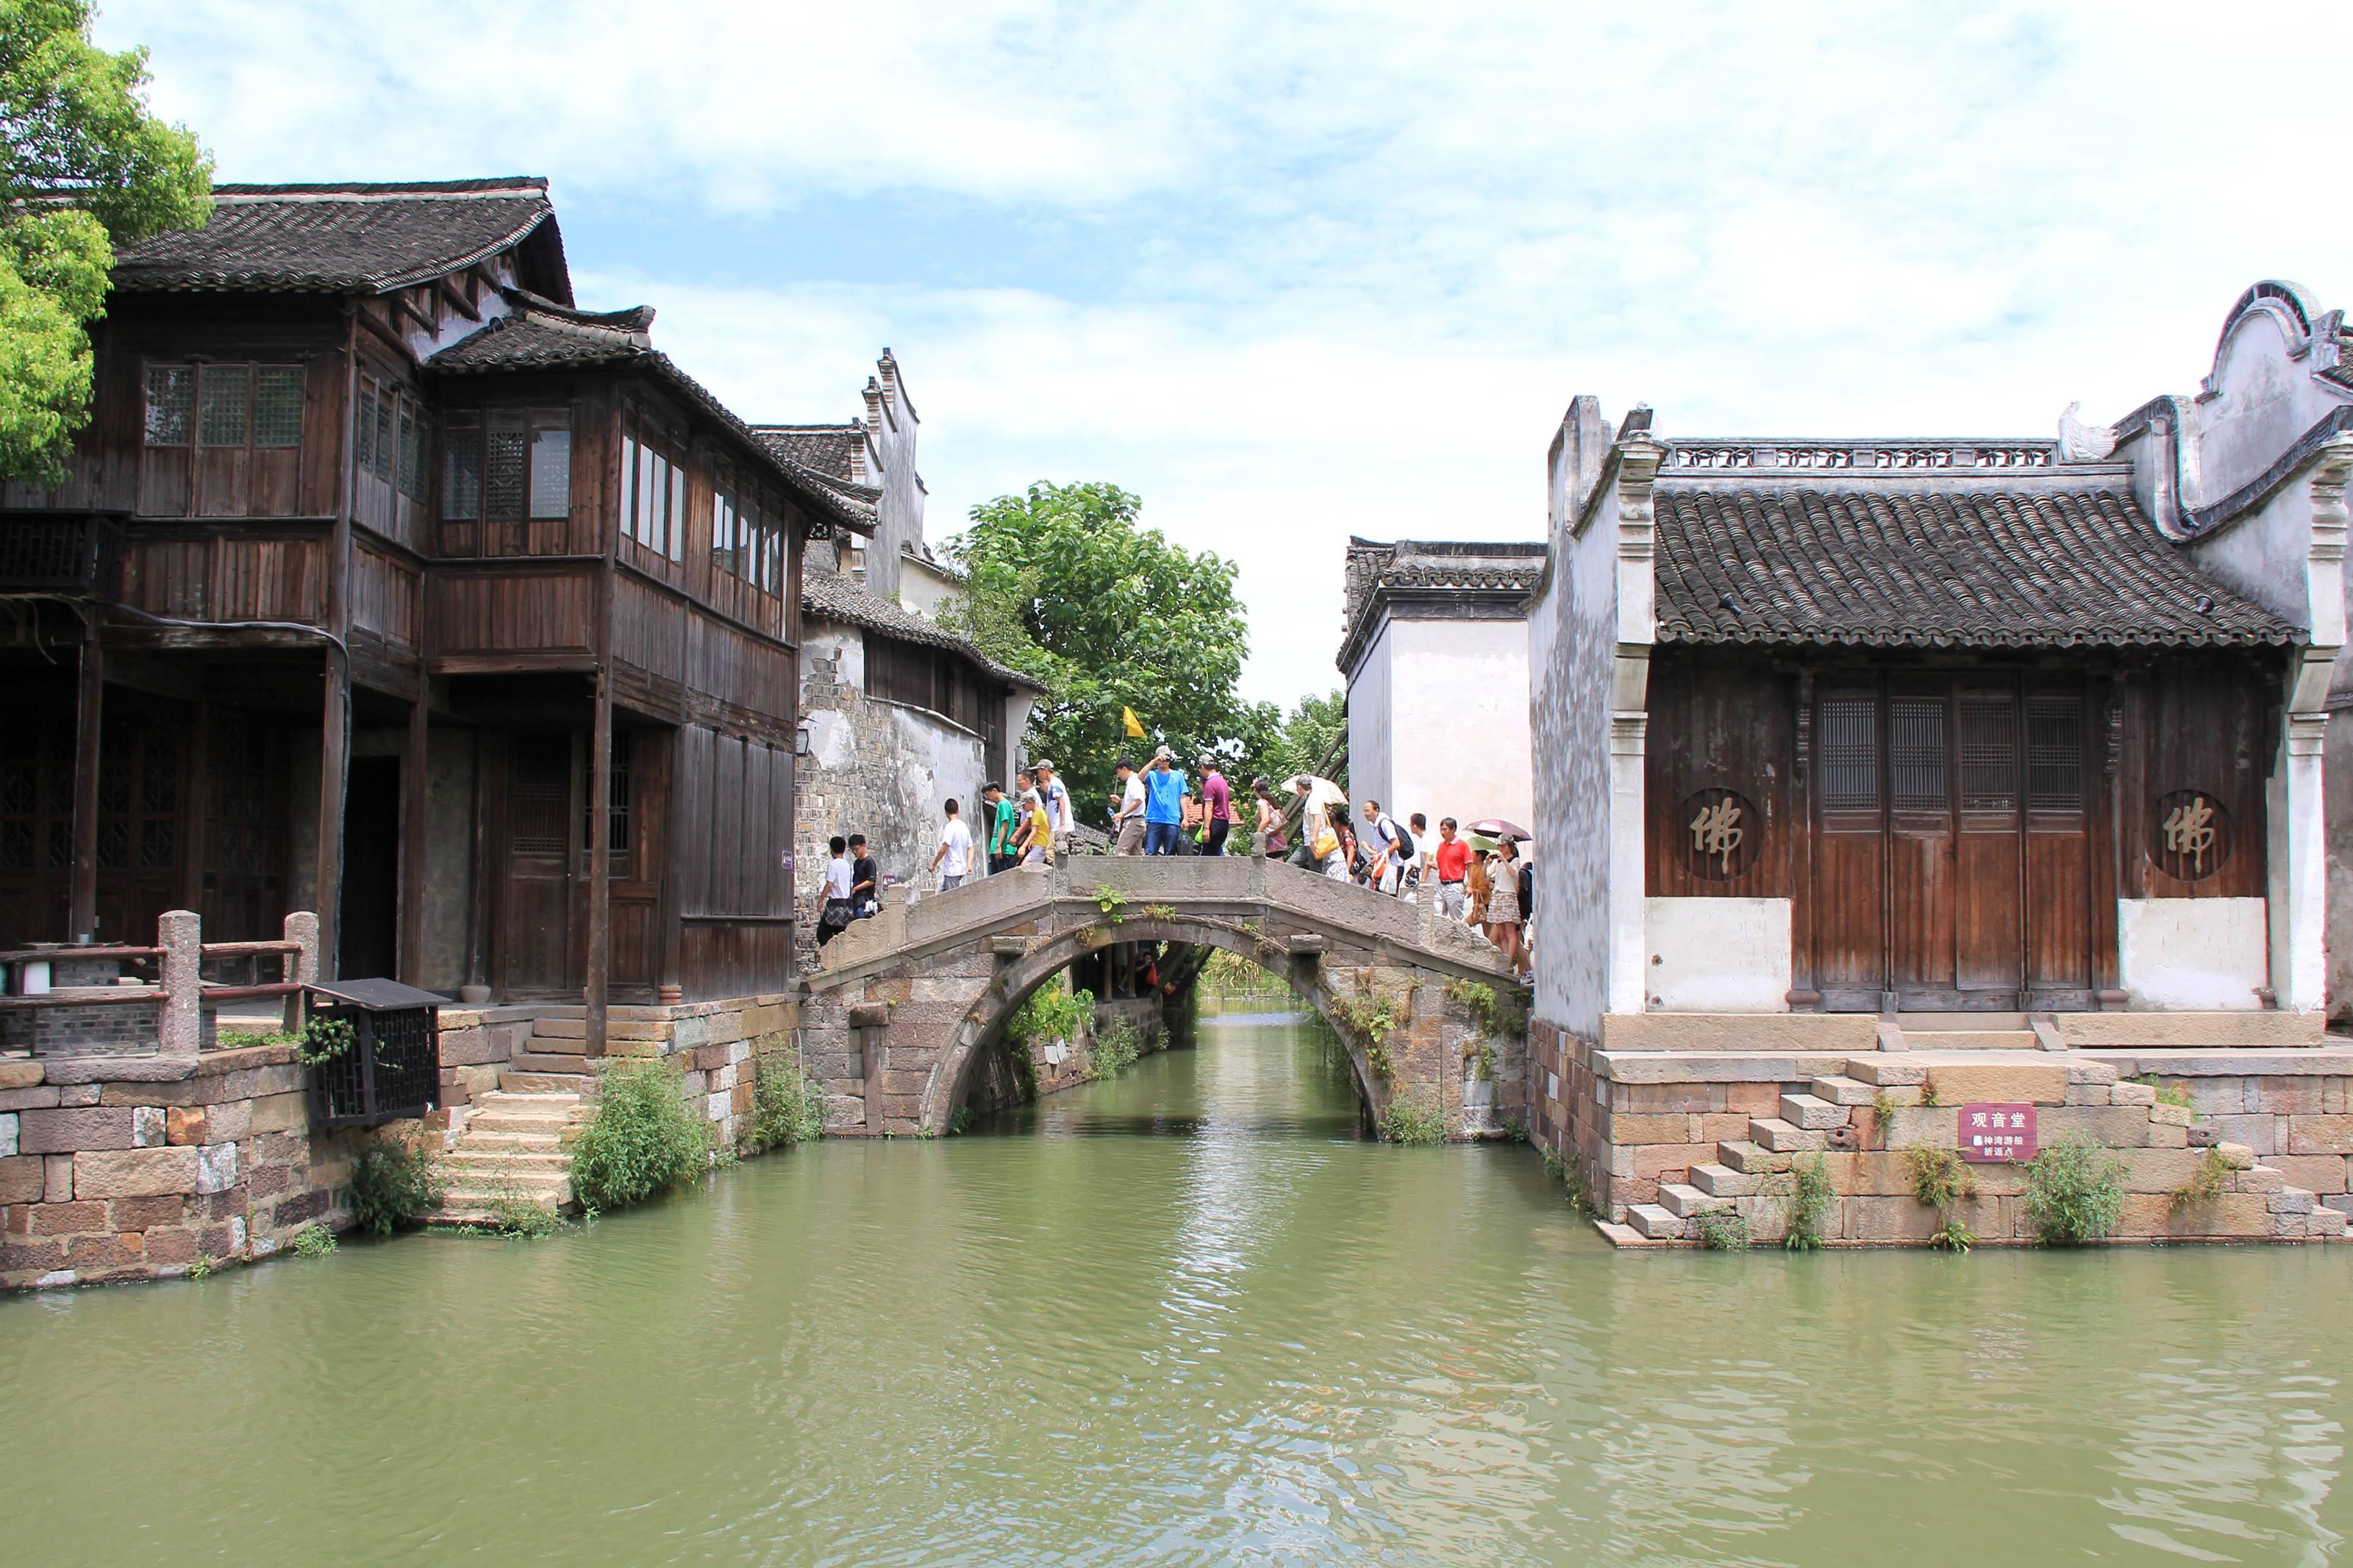 开封朱仙镇旅游景点简介,图片,旅游信息推荐-2345旅游